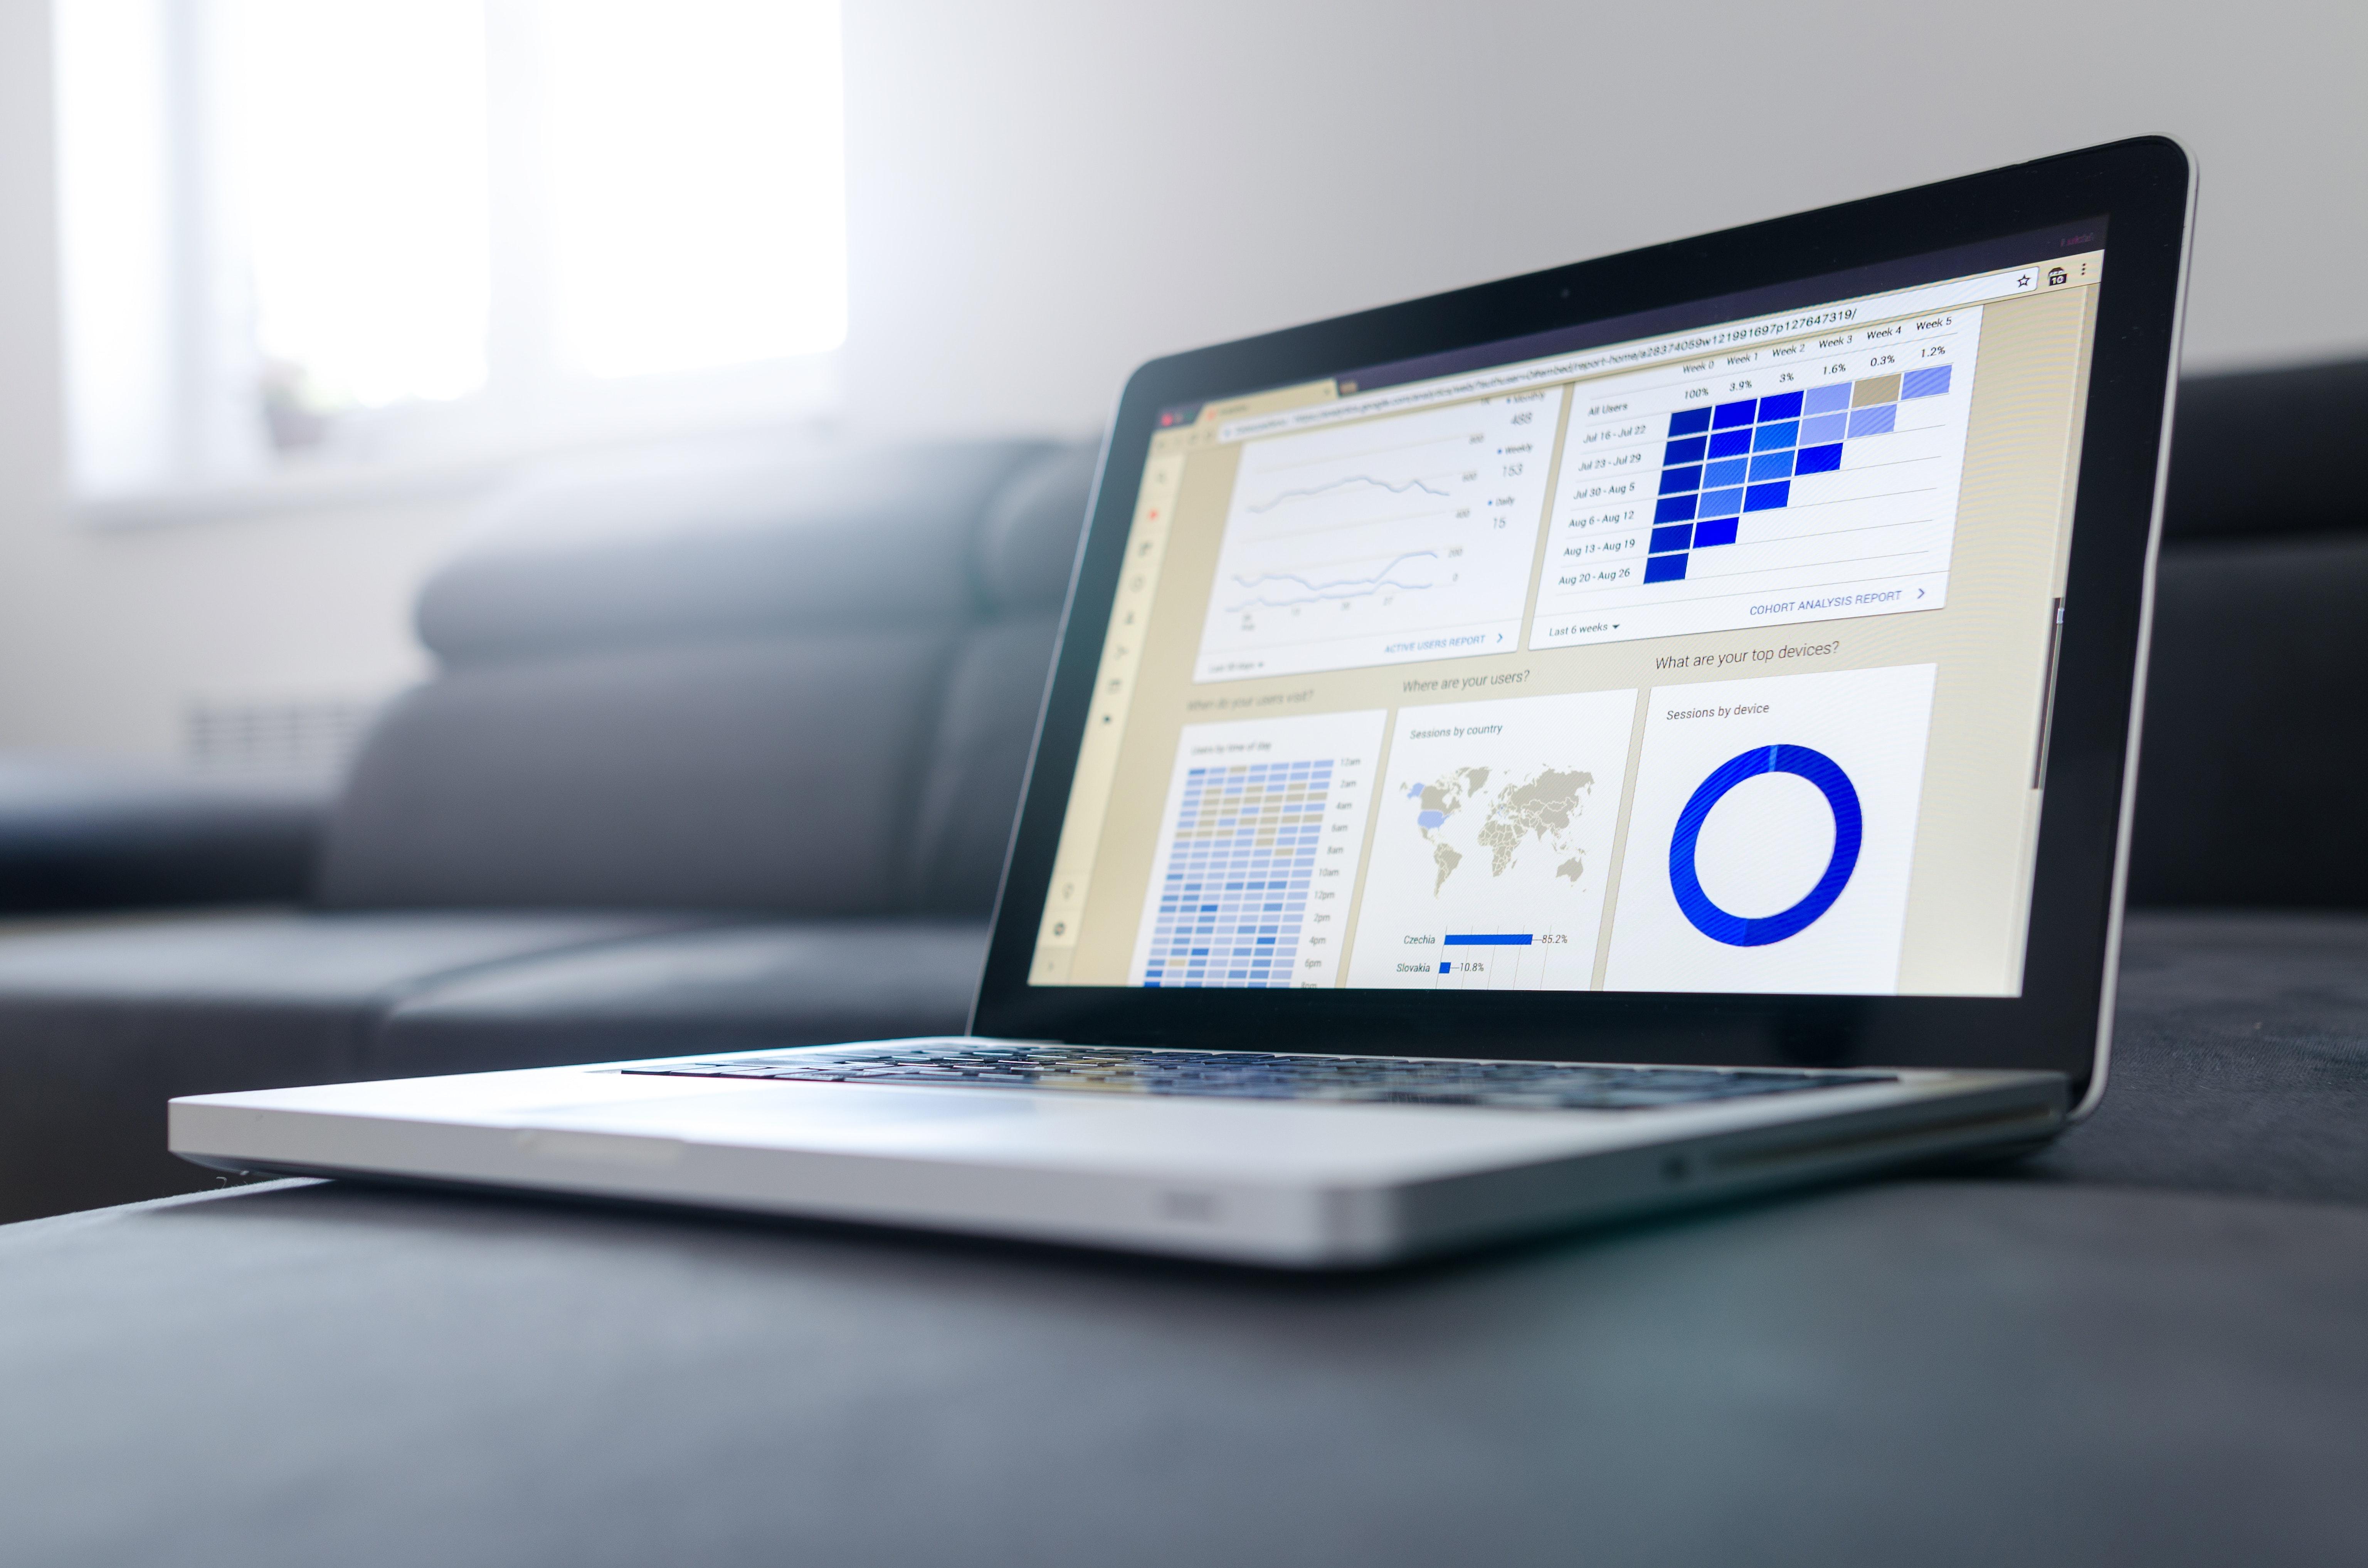 Tietokone jonka näytöllä näkyy analytiikkatyökalun näkymä